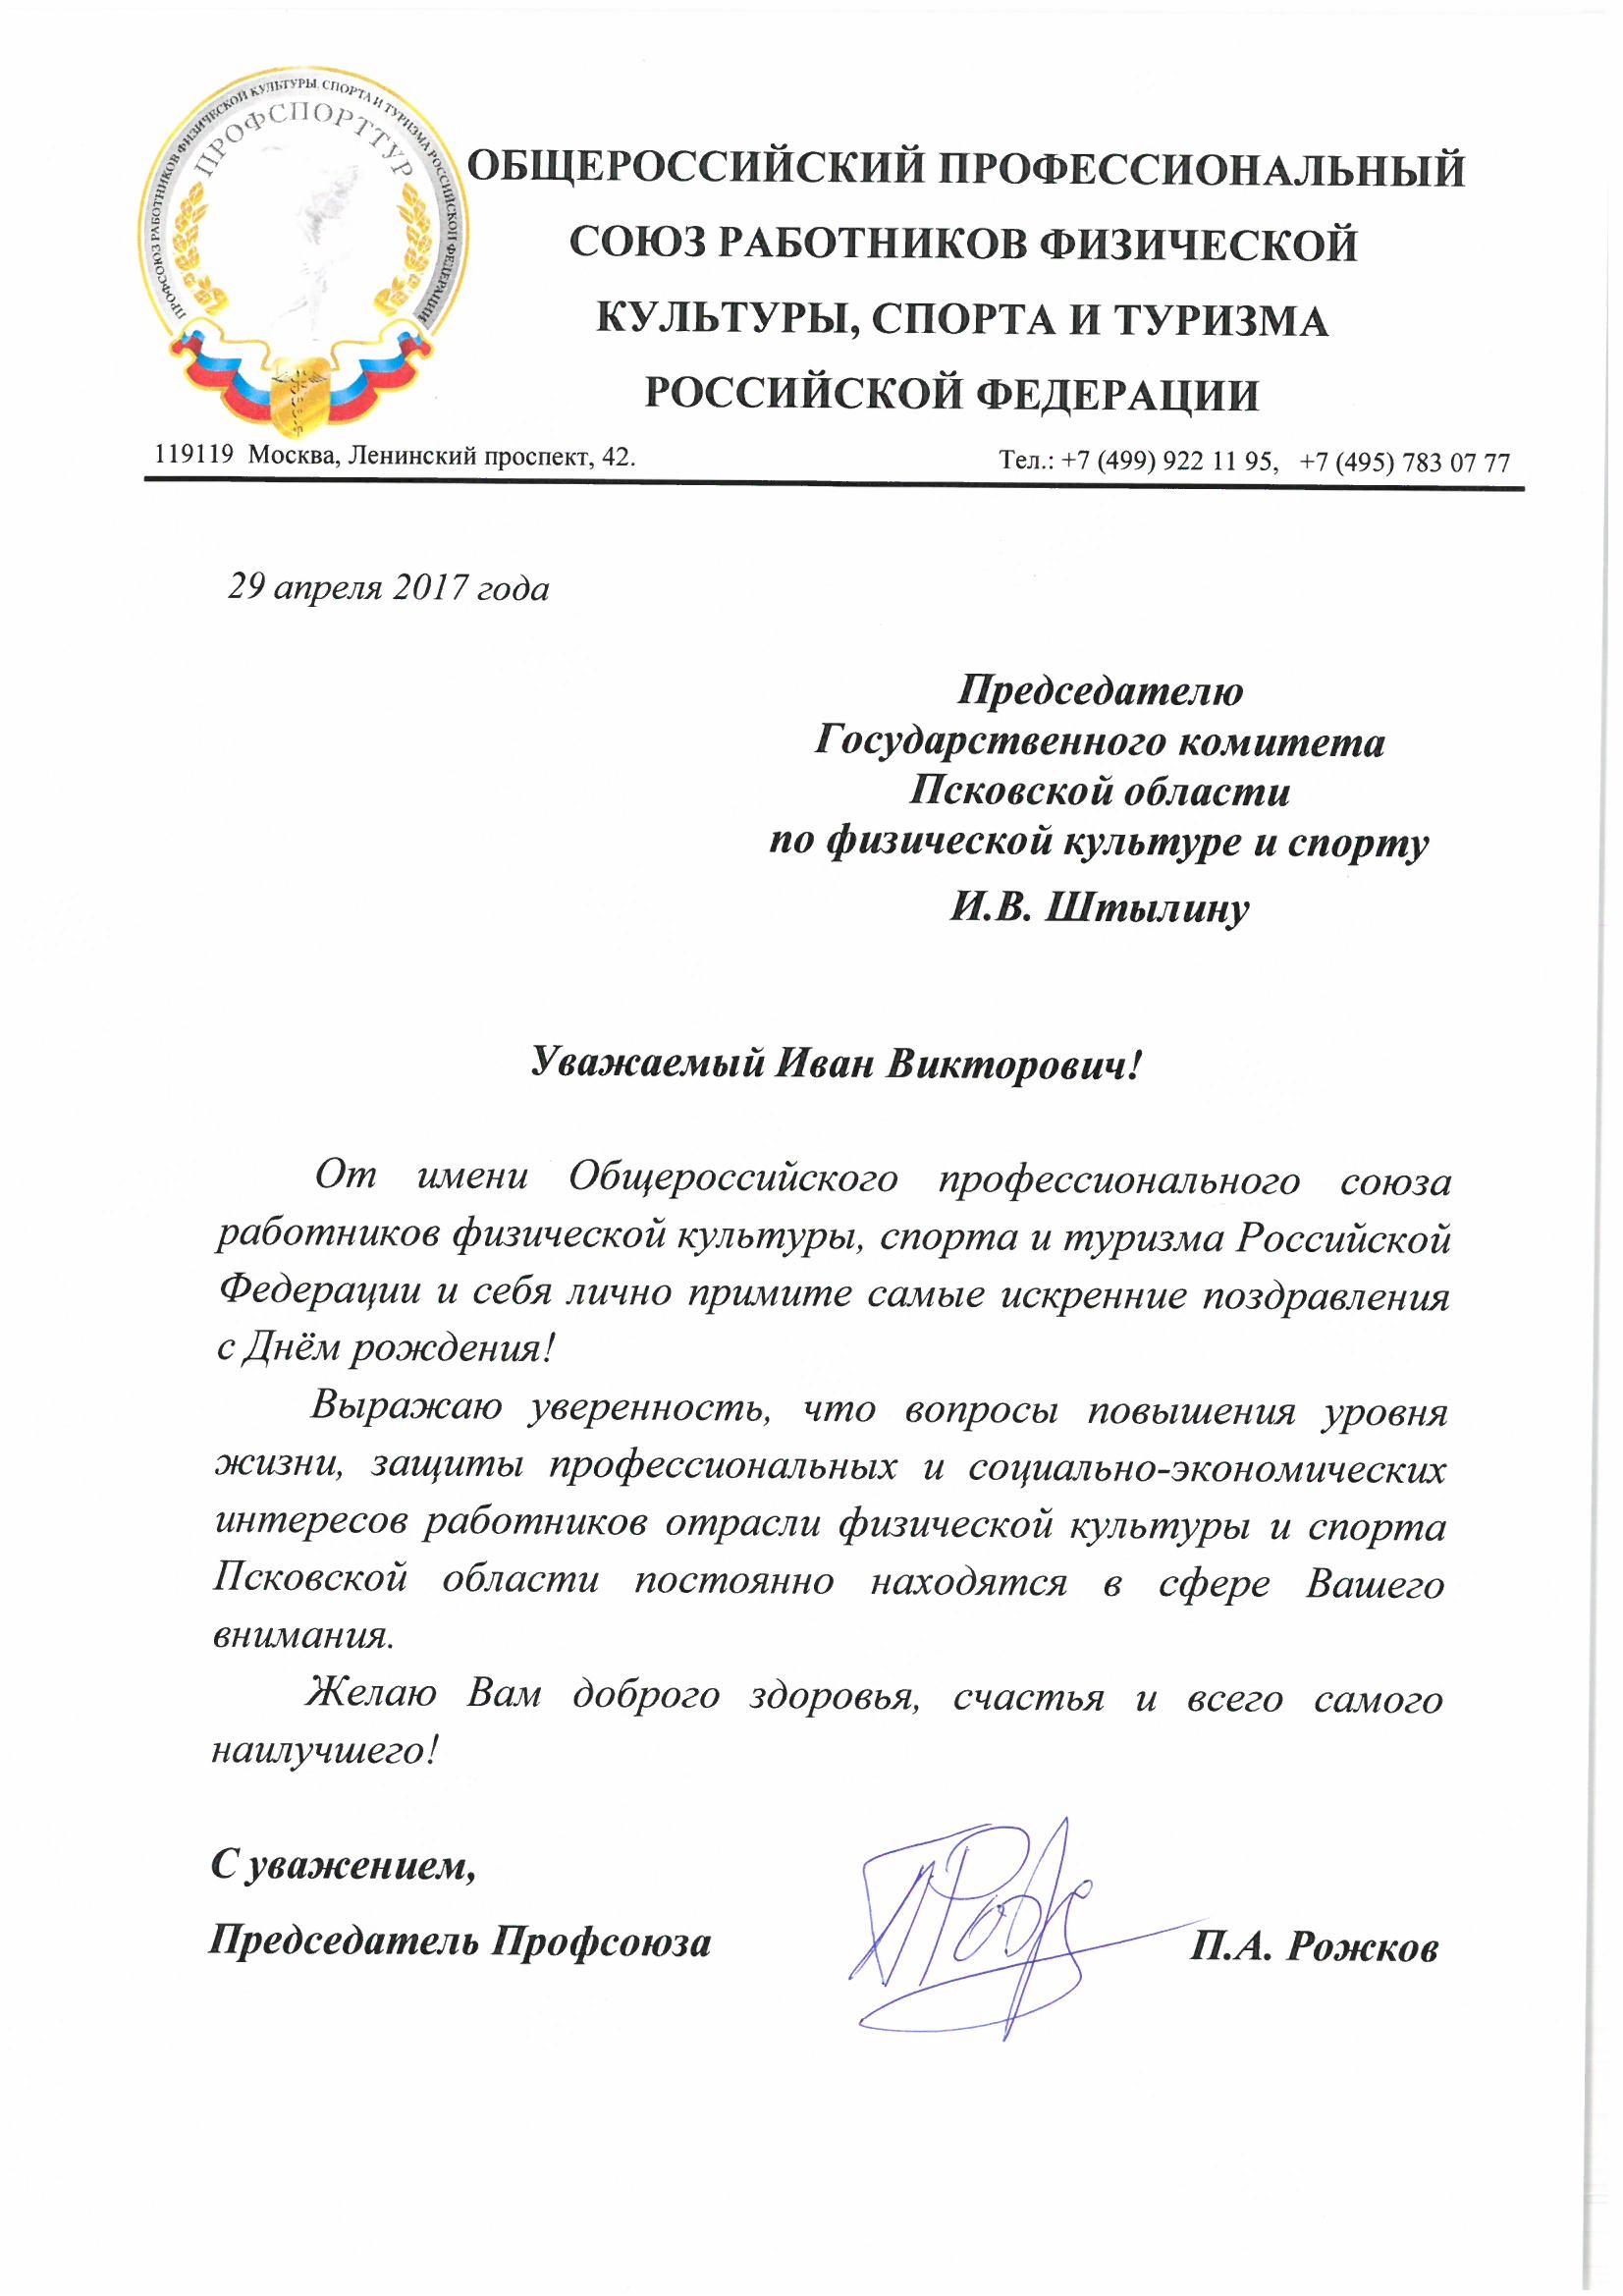 Поздравление работников культуры президентом